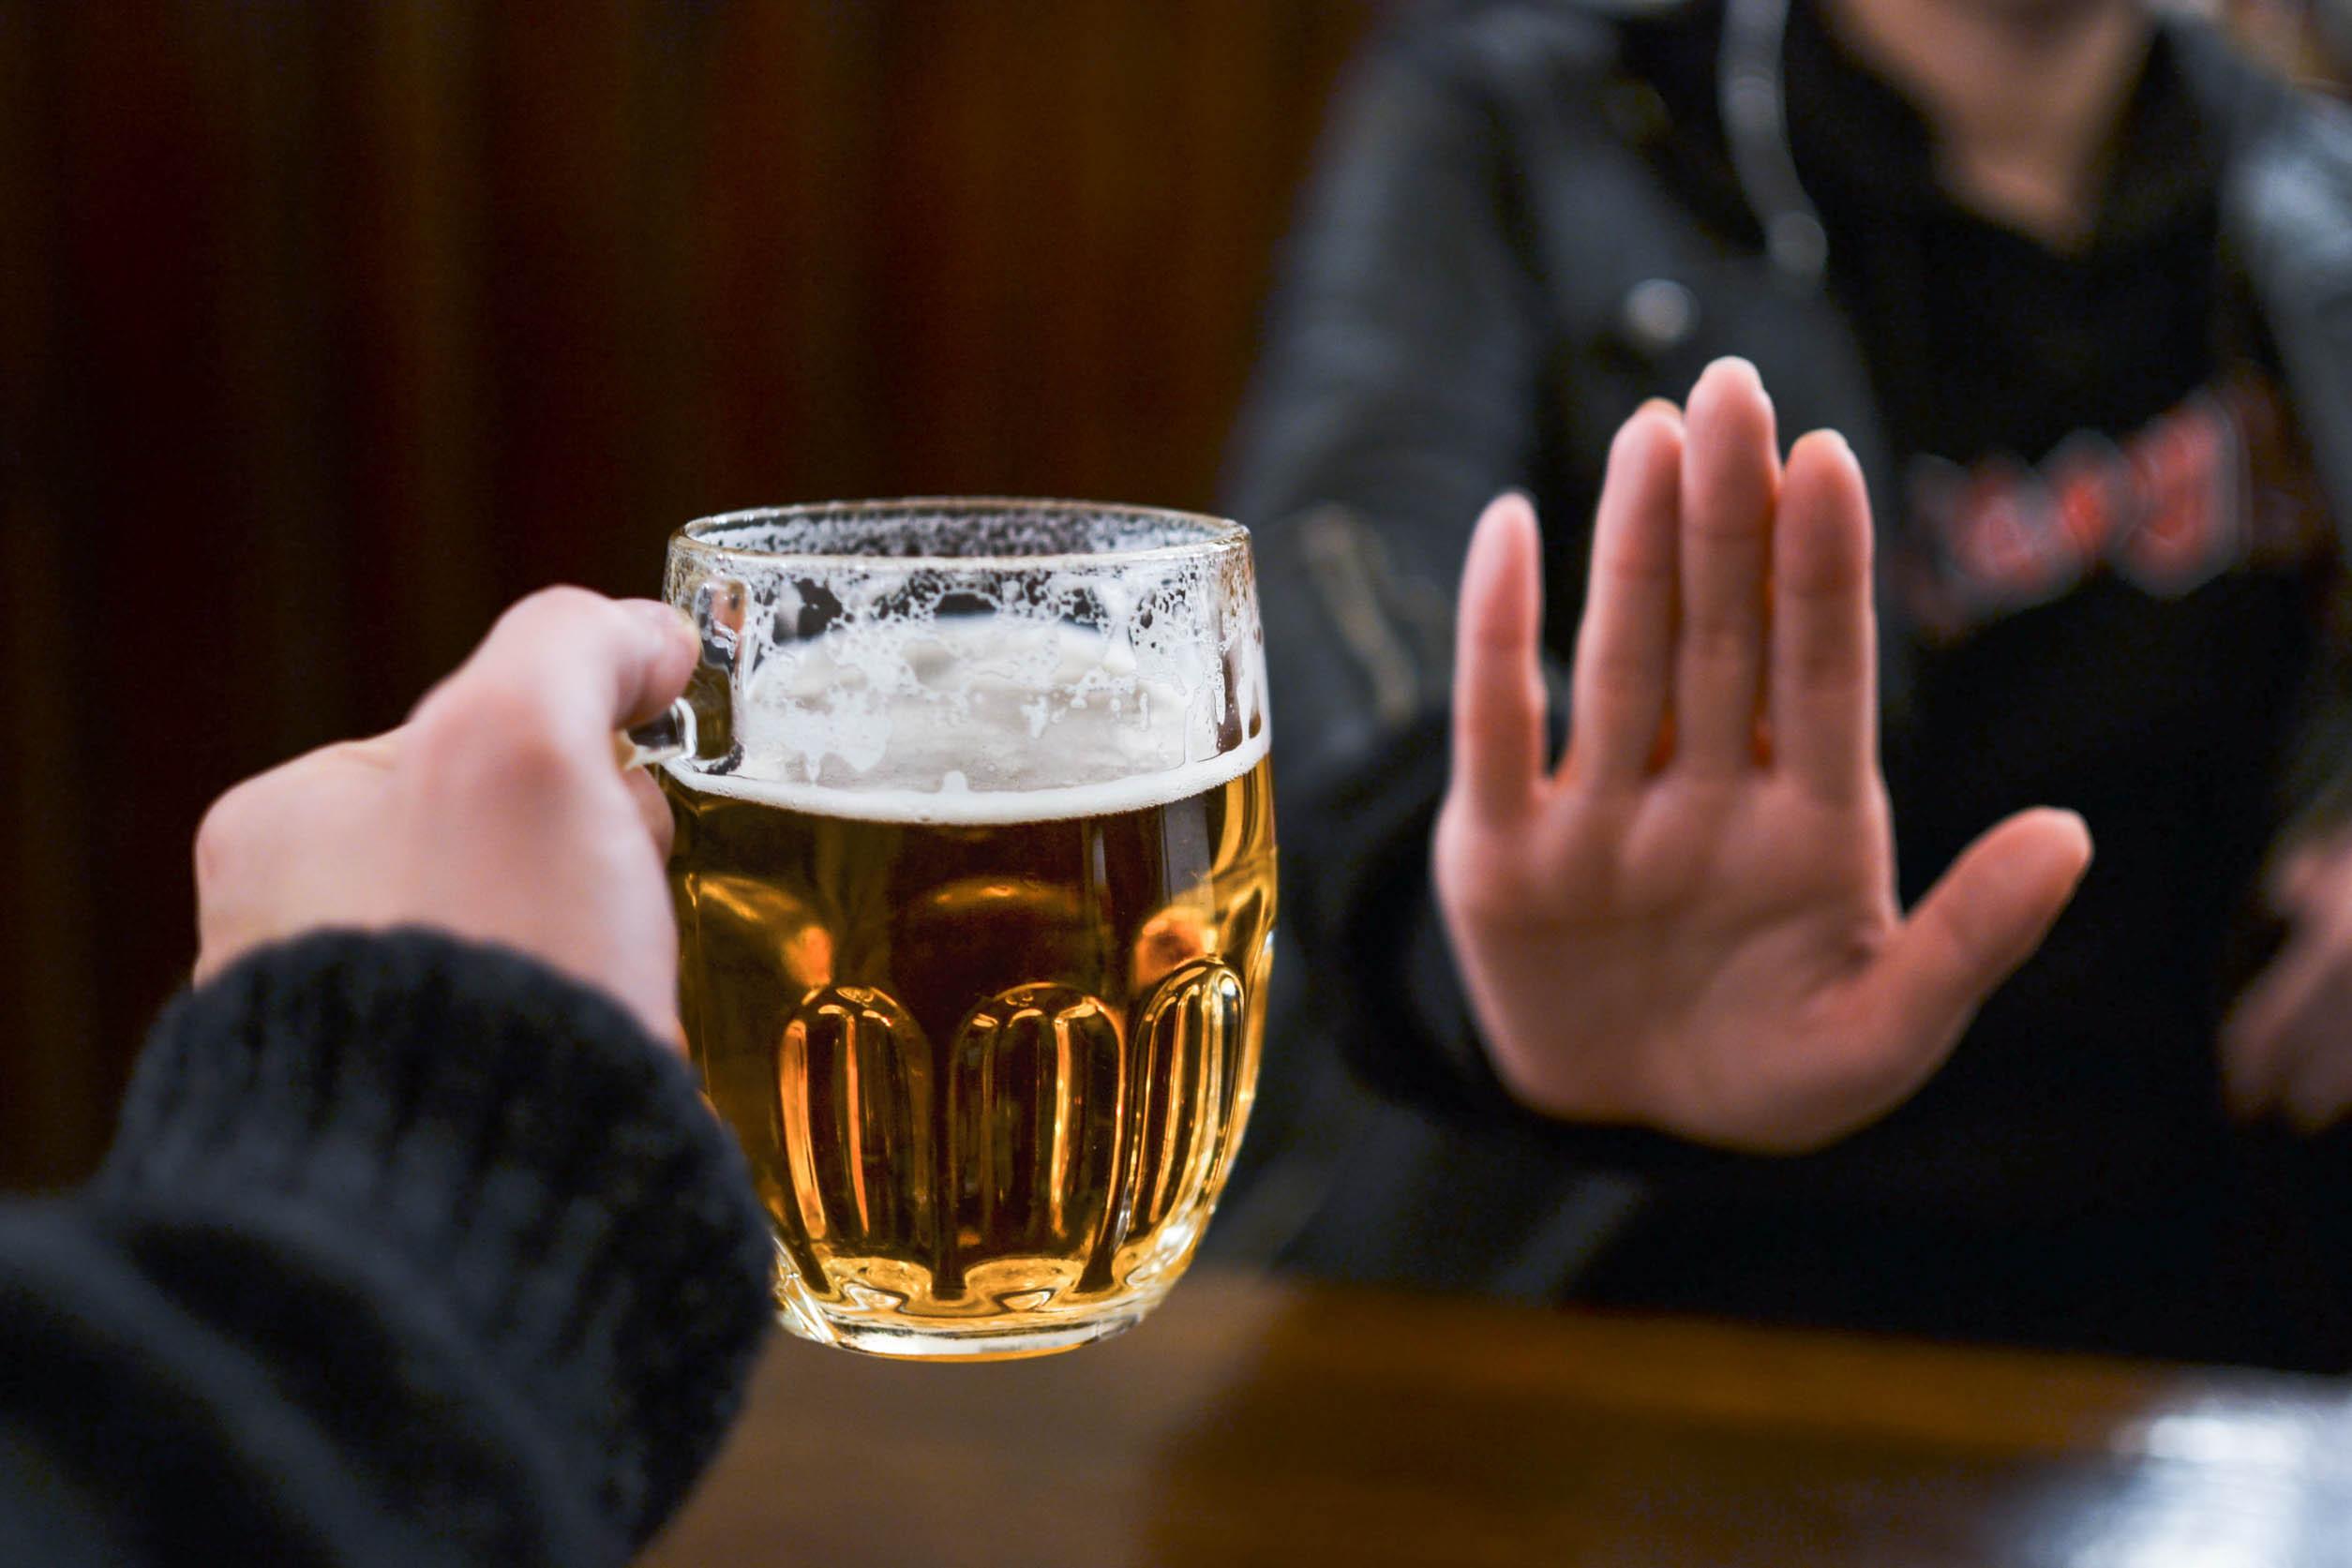 Traditioner, højtider og alkohol